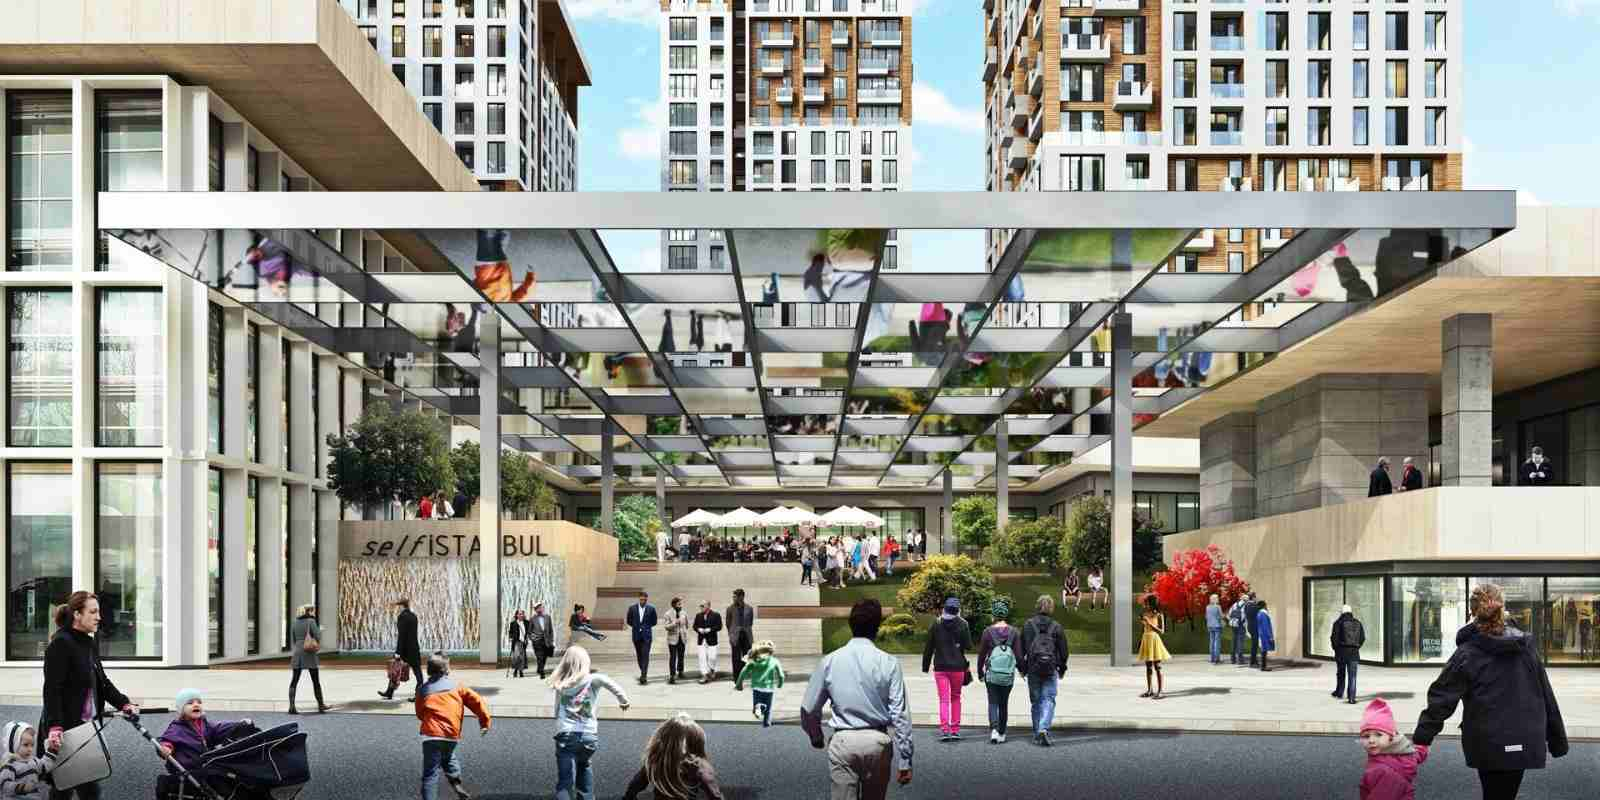 يقع المشروع على مساحة 26.000 متر مربع.   مشروع سكني على اعلى مستوى...